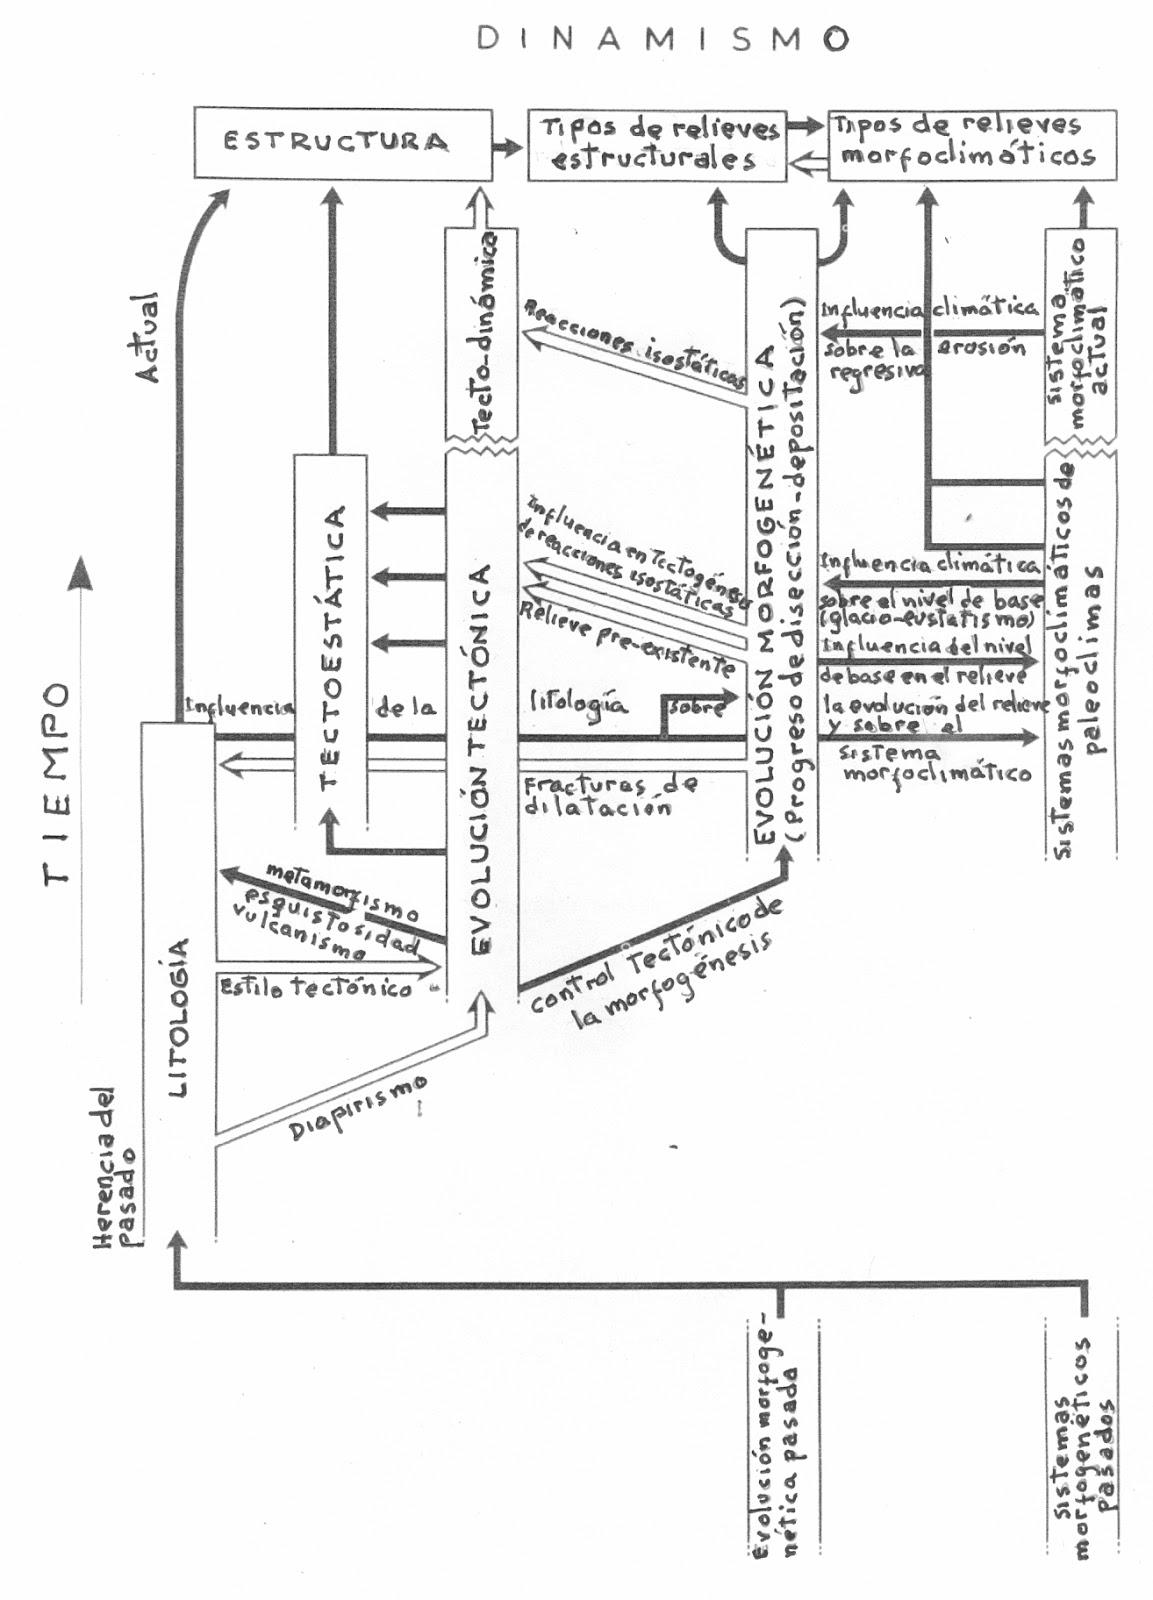 Geomorfologia Diagrama De Relaciones Causales En